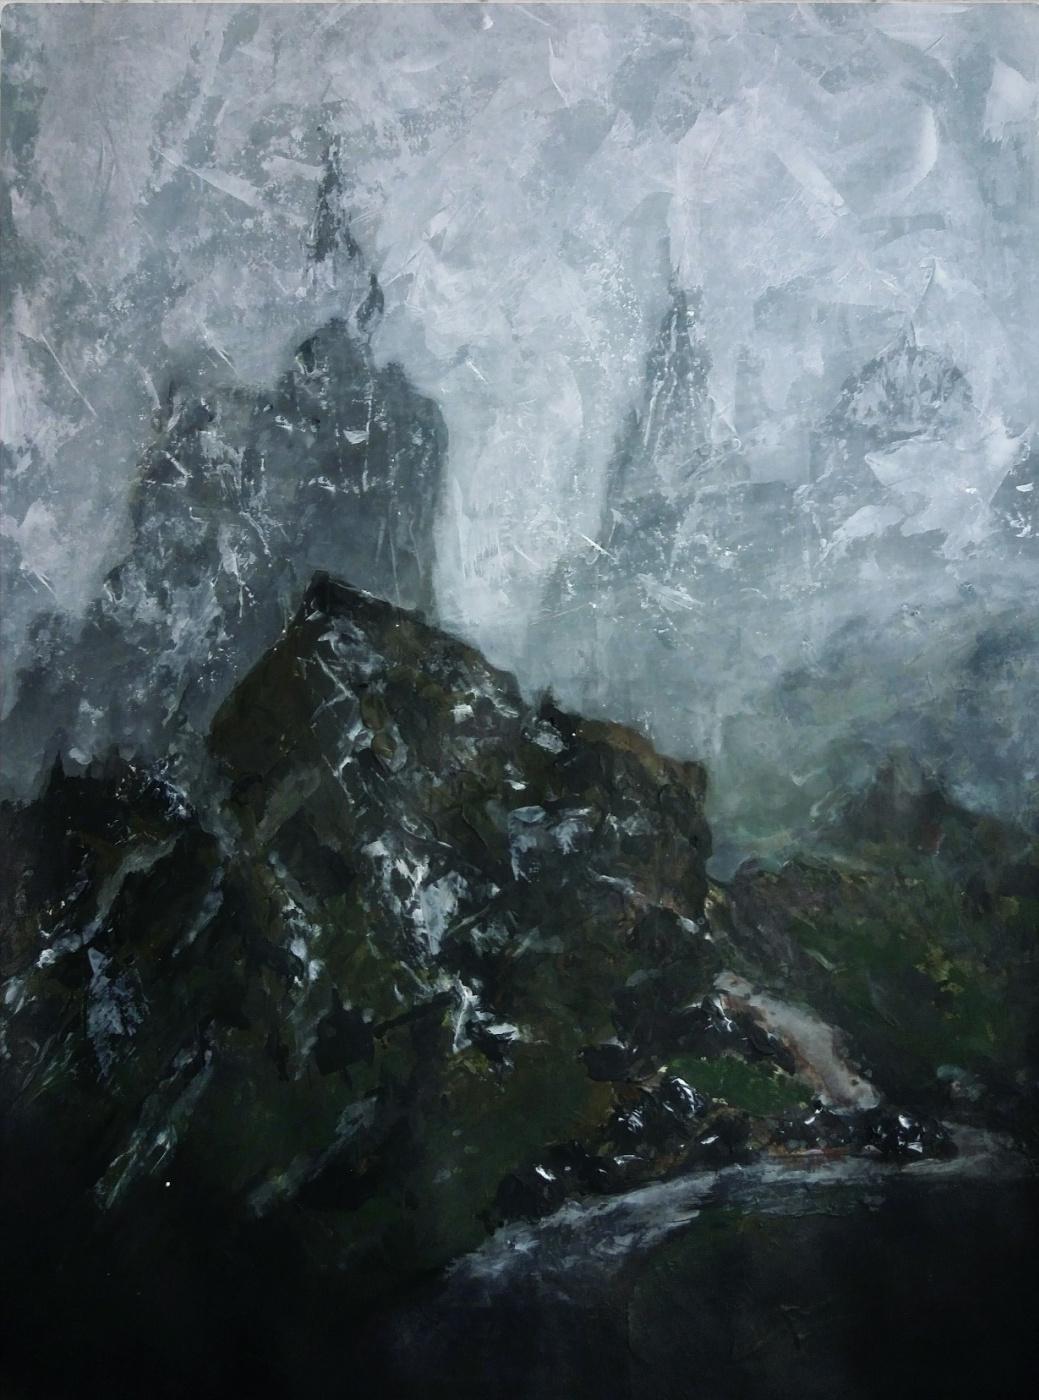 Anastasia. The mountains